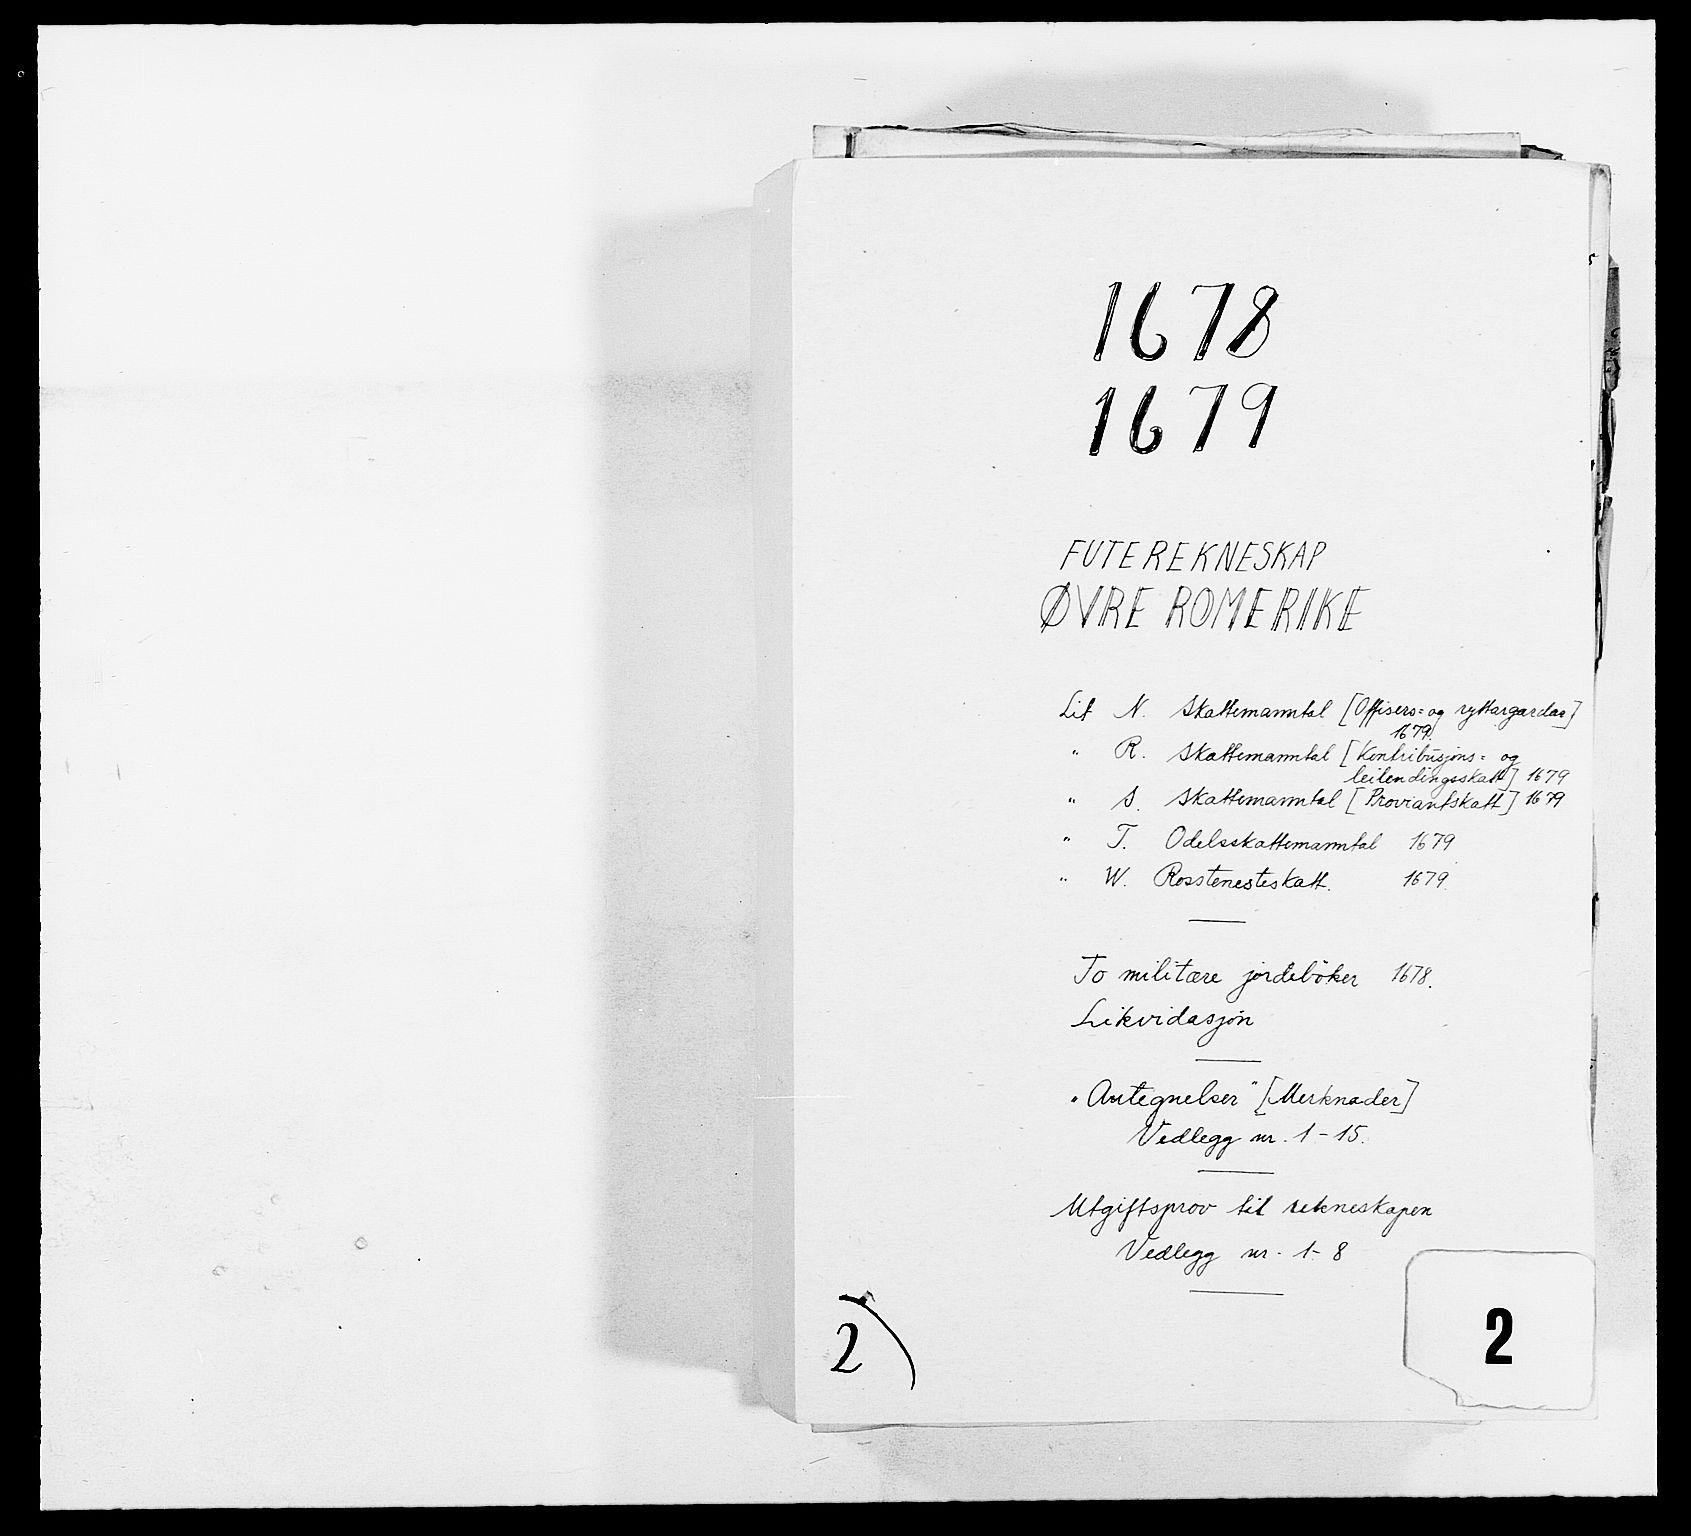 RA, Rentekammeret inntil 1814, Reviderte regnskaper, Fogderegnskap, R12/L0694: Fogderegnskap Øvre Romerike, 1678-1679, s. 1